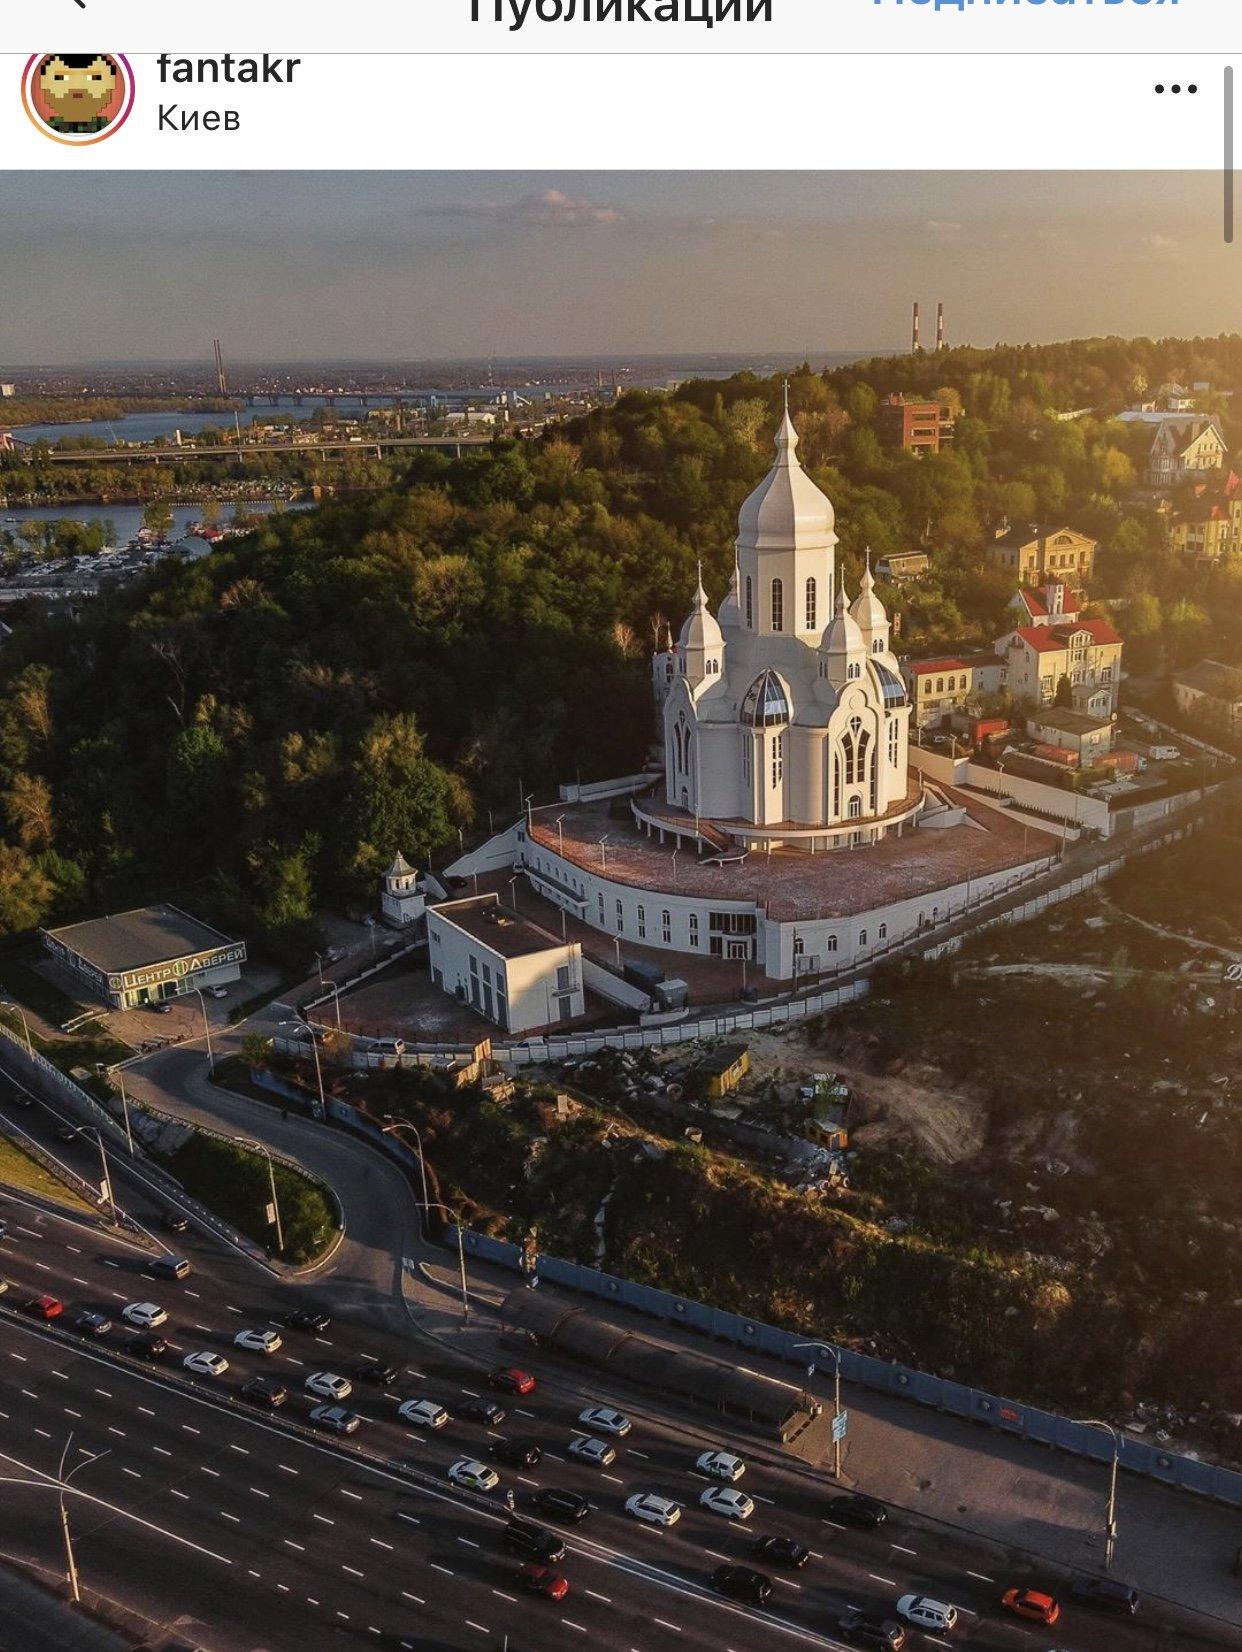 ТОП красивых фотографий Киева в Instagram , фото-4